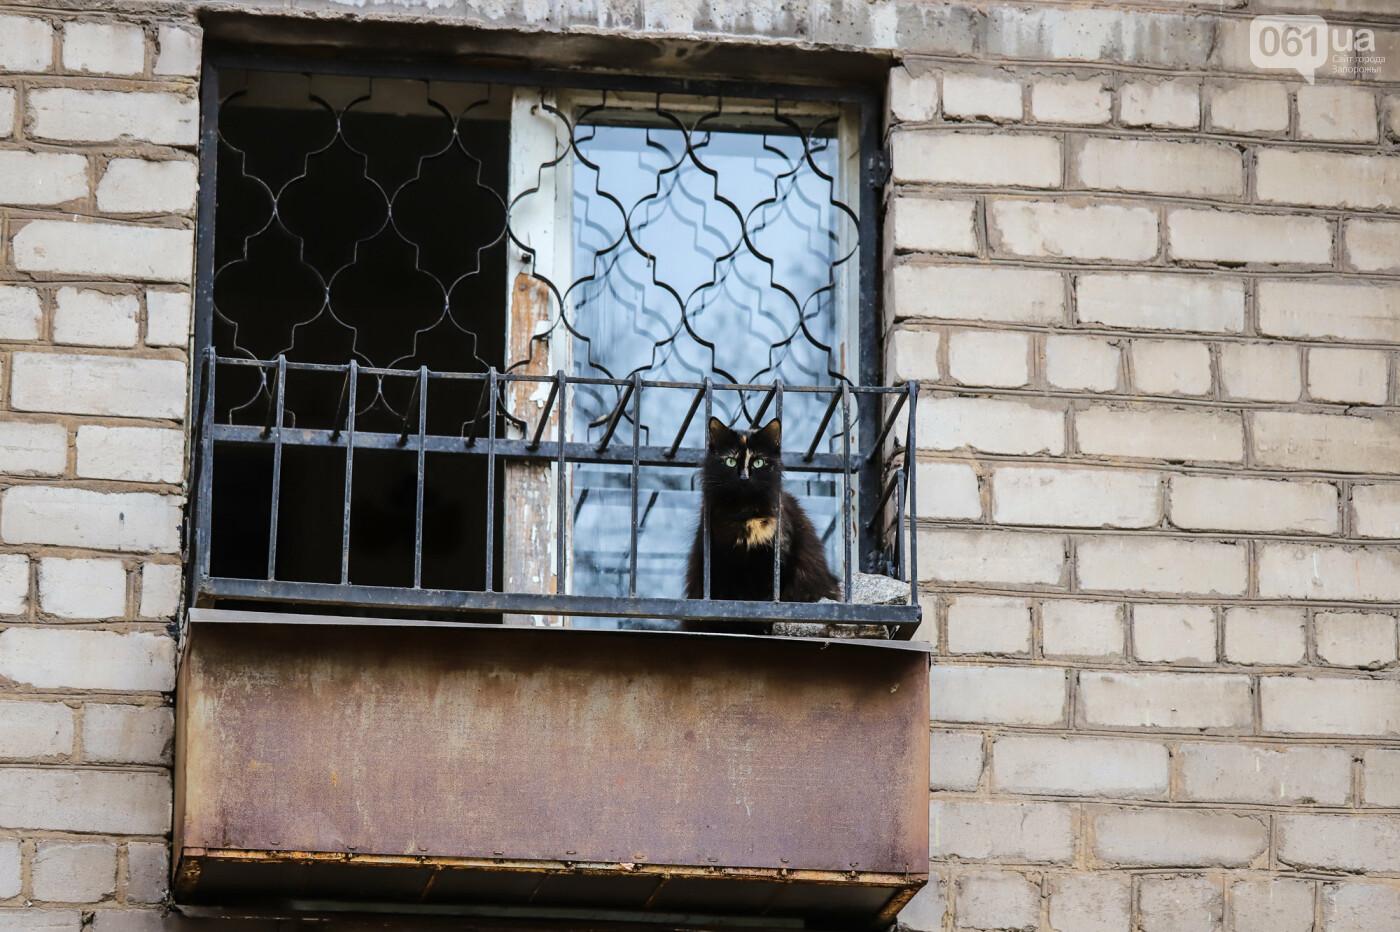 «В плену у заповедника»: как на Хортице живут люди без права на приватизацию жилья, - ФОТОРЕПОРТАЖ , фото-30